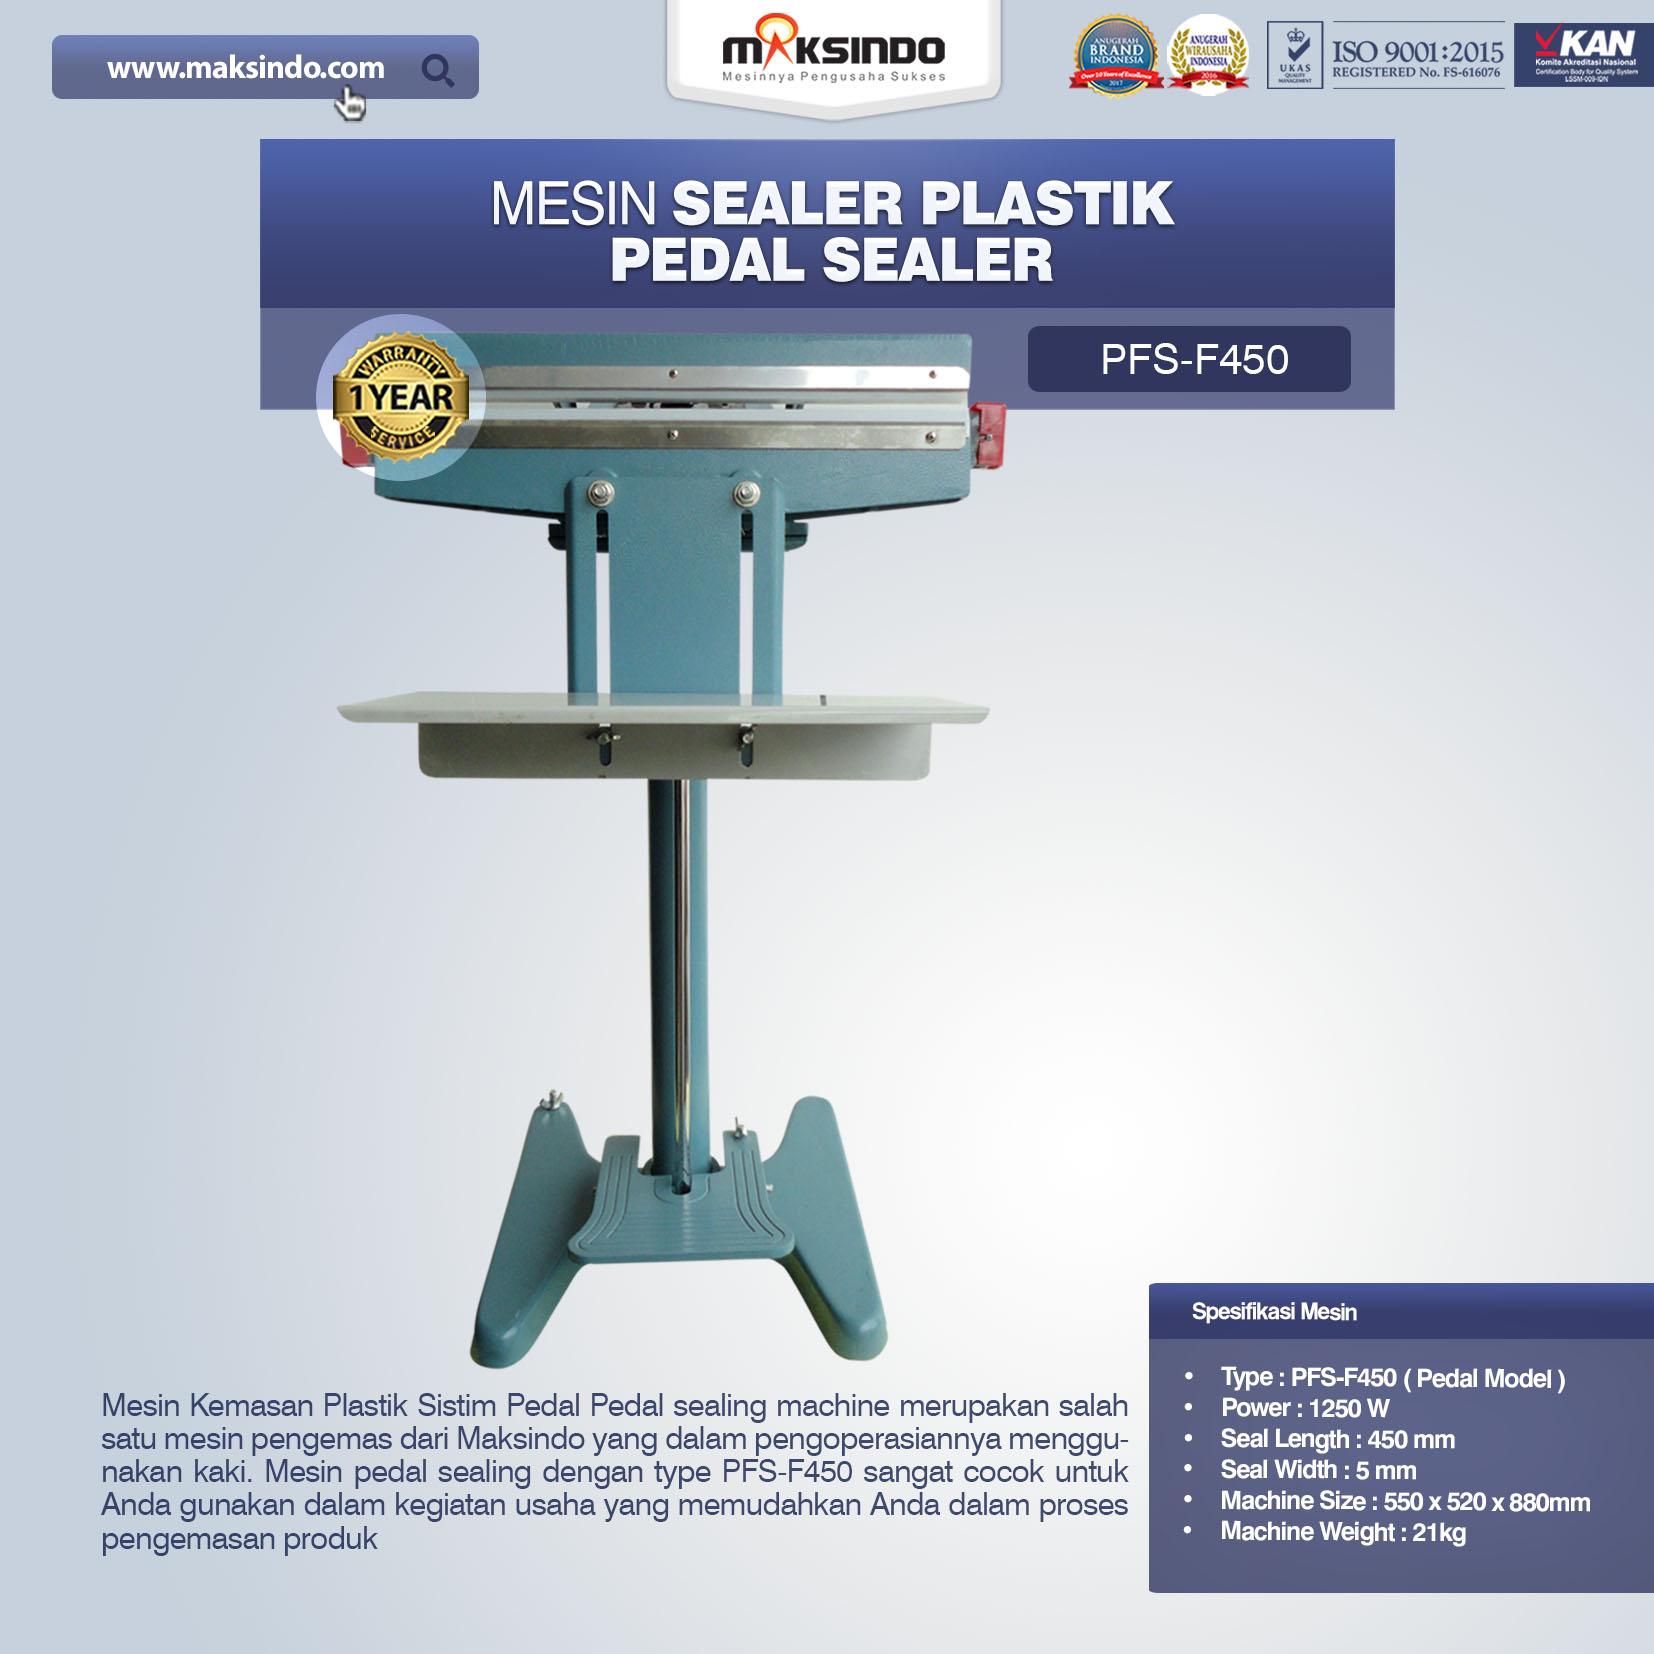 Jual Pedal Sealing Machine (PFS-F450) di Semarang